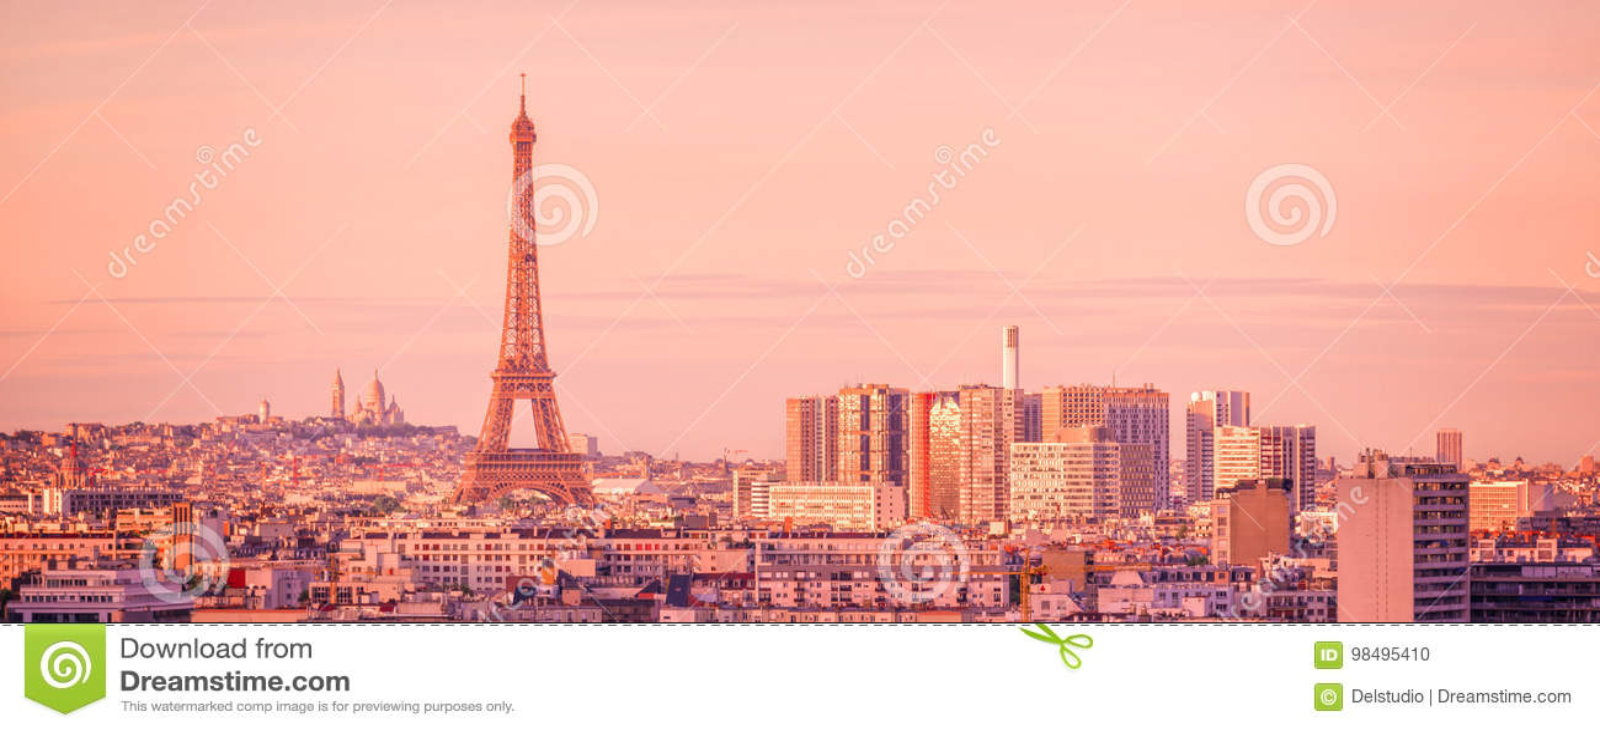 Panorama- horisont av Paris med Eiffeltorn på solnedgången, Montmartre i bakgrunden, Frankrike